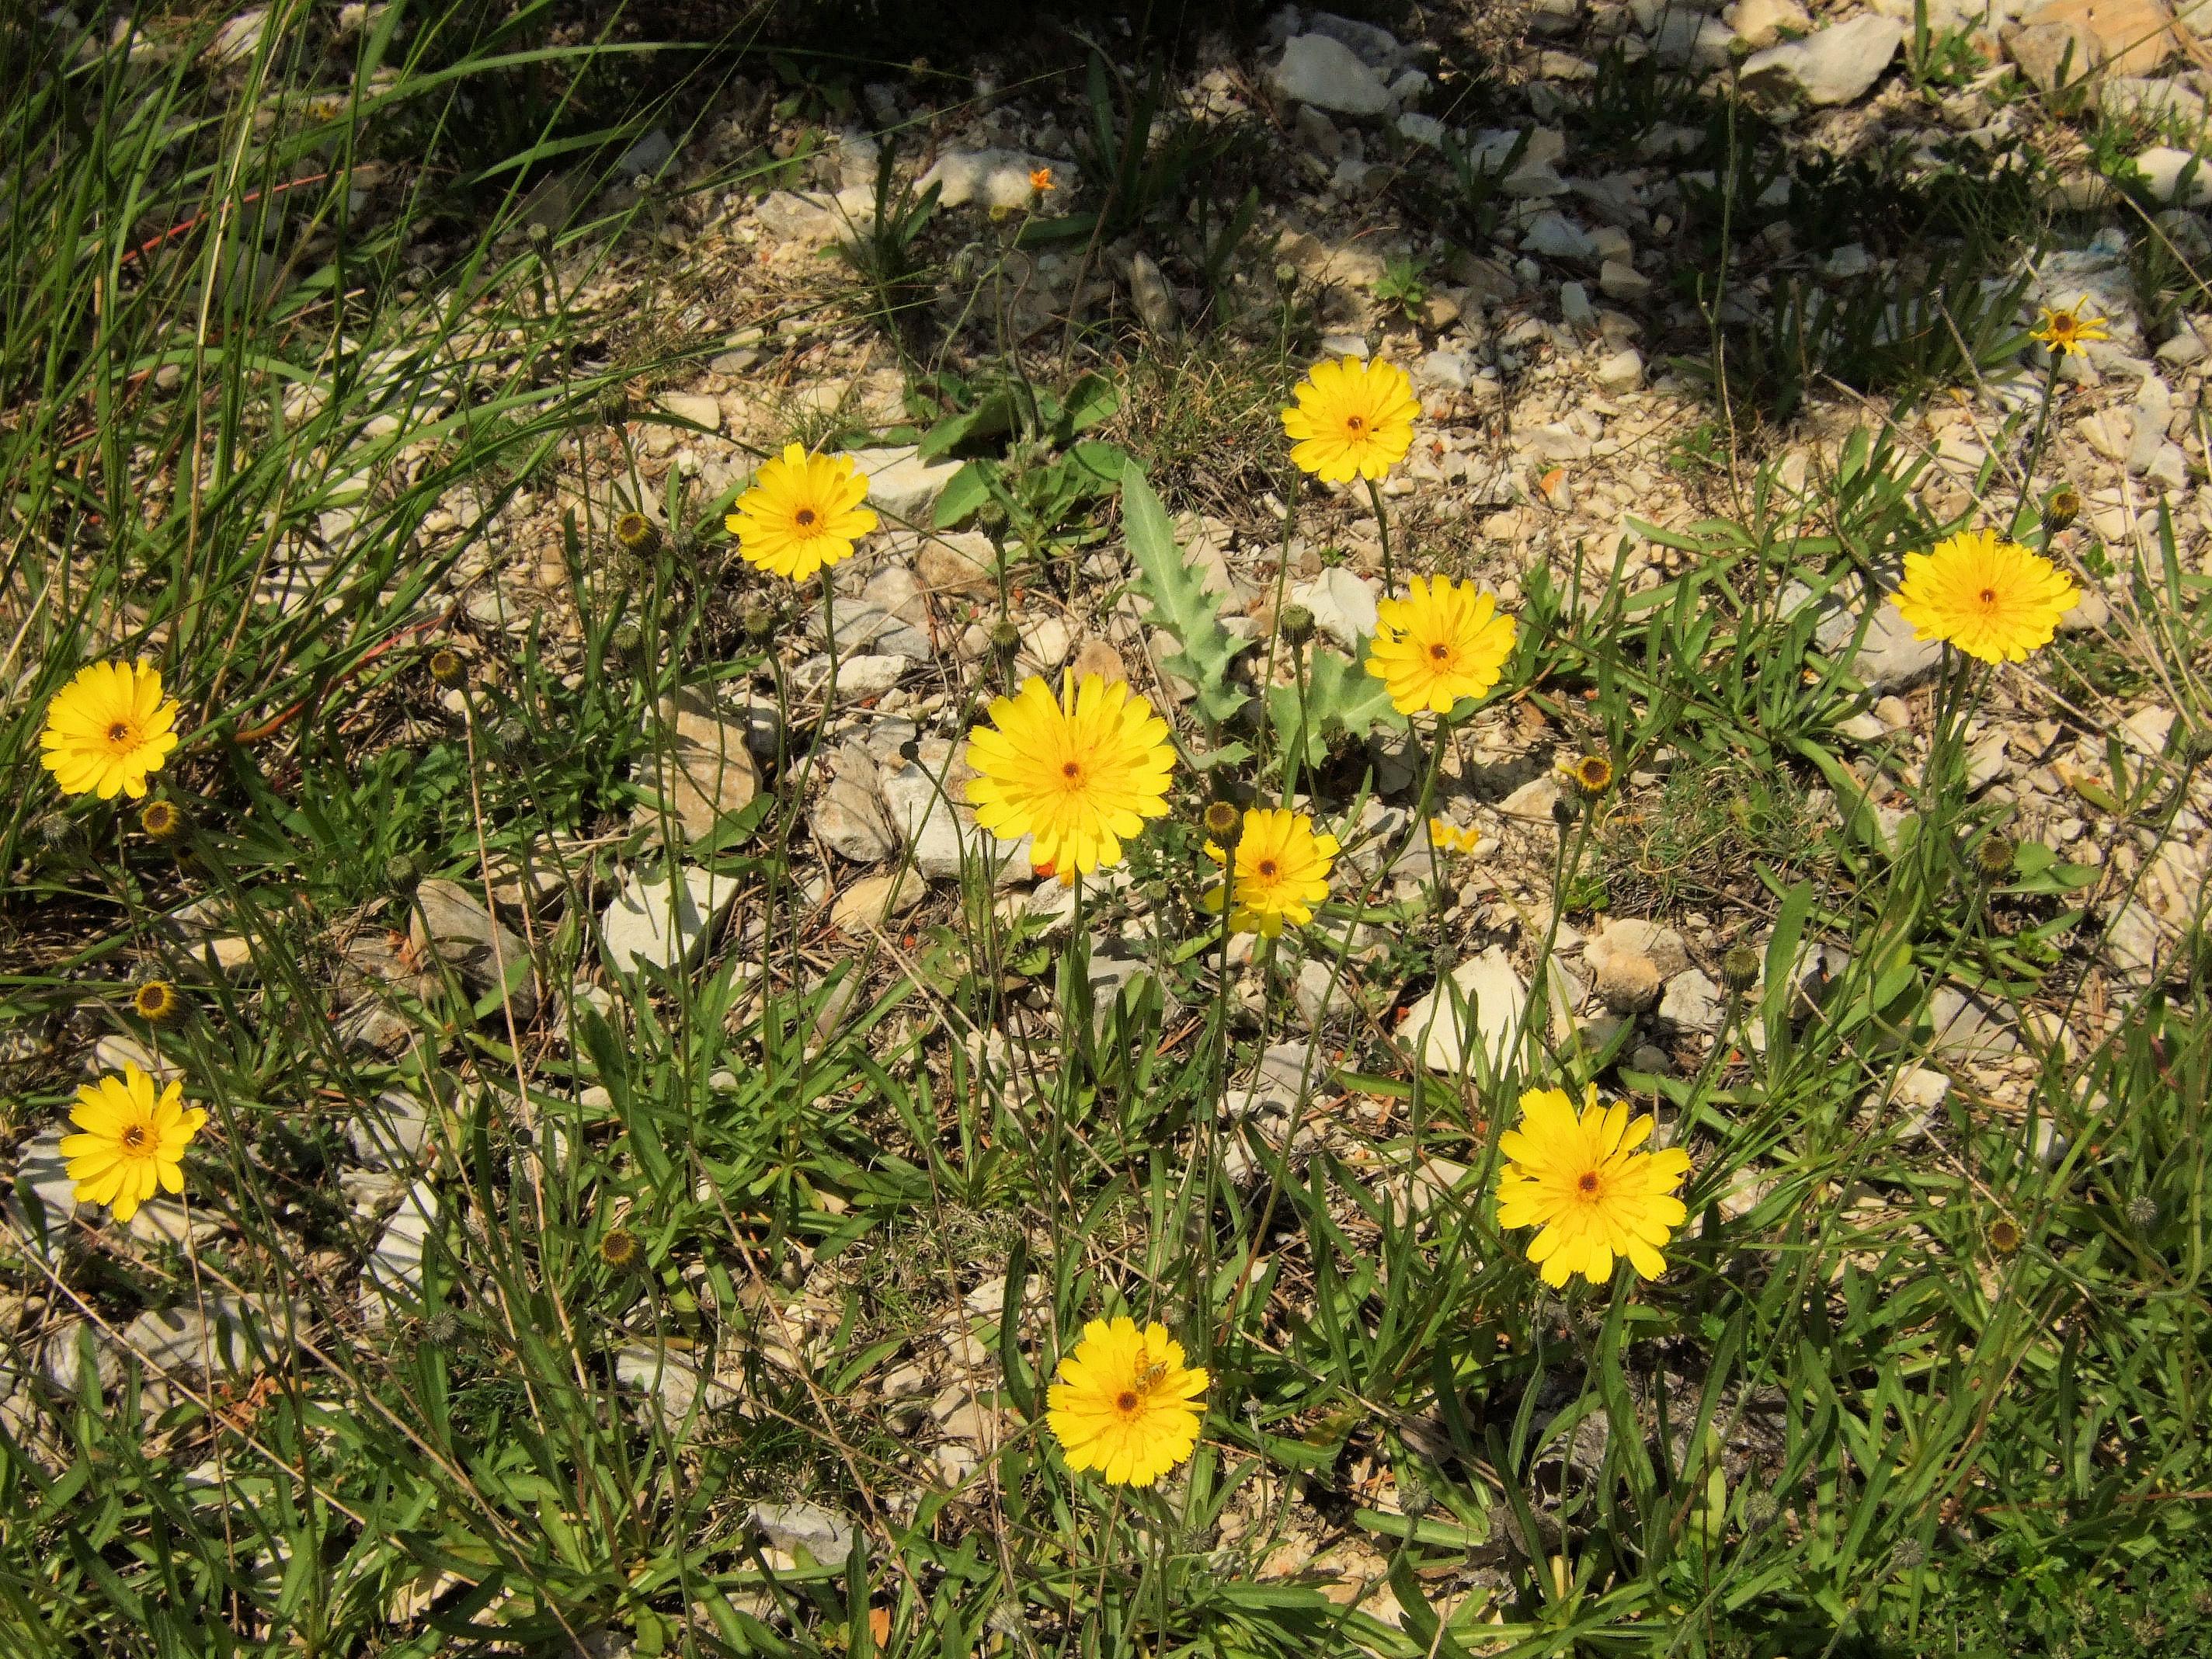 Tolpis staticifolia